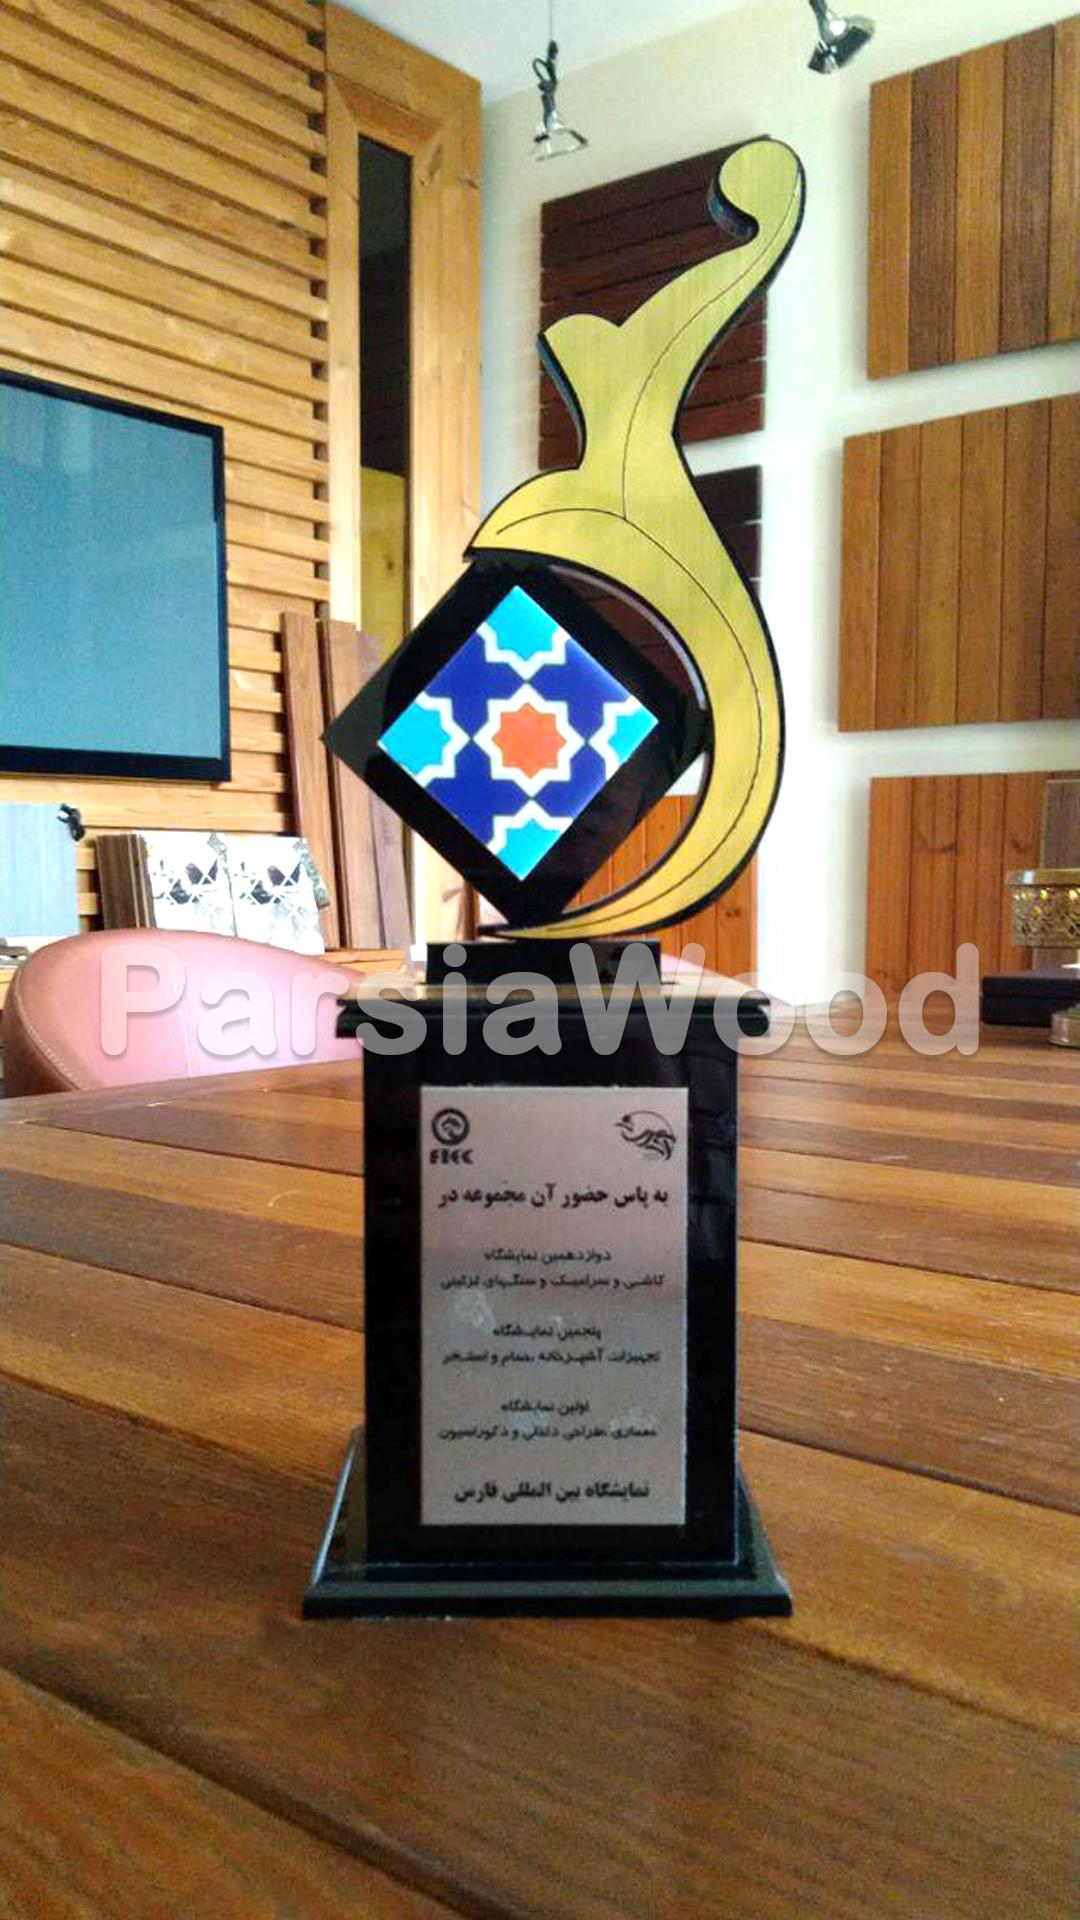 تندیس-افتخارات-شرکت-مهندسی-پارسیاوود